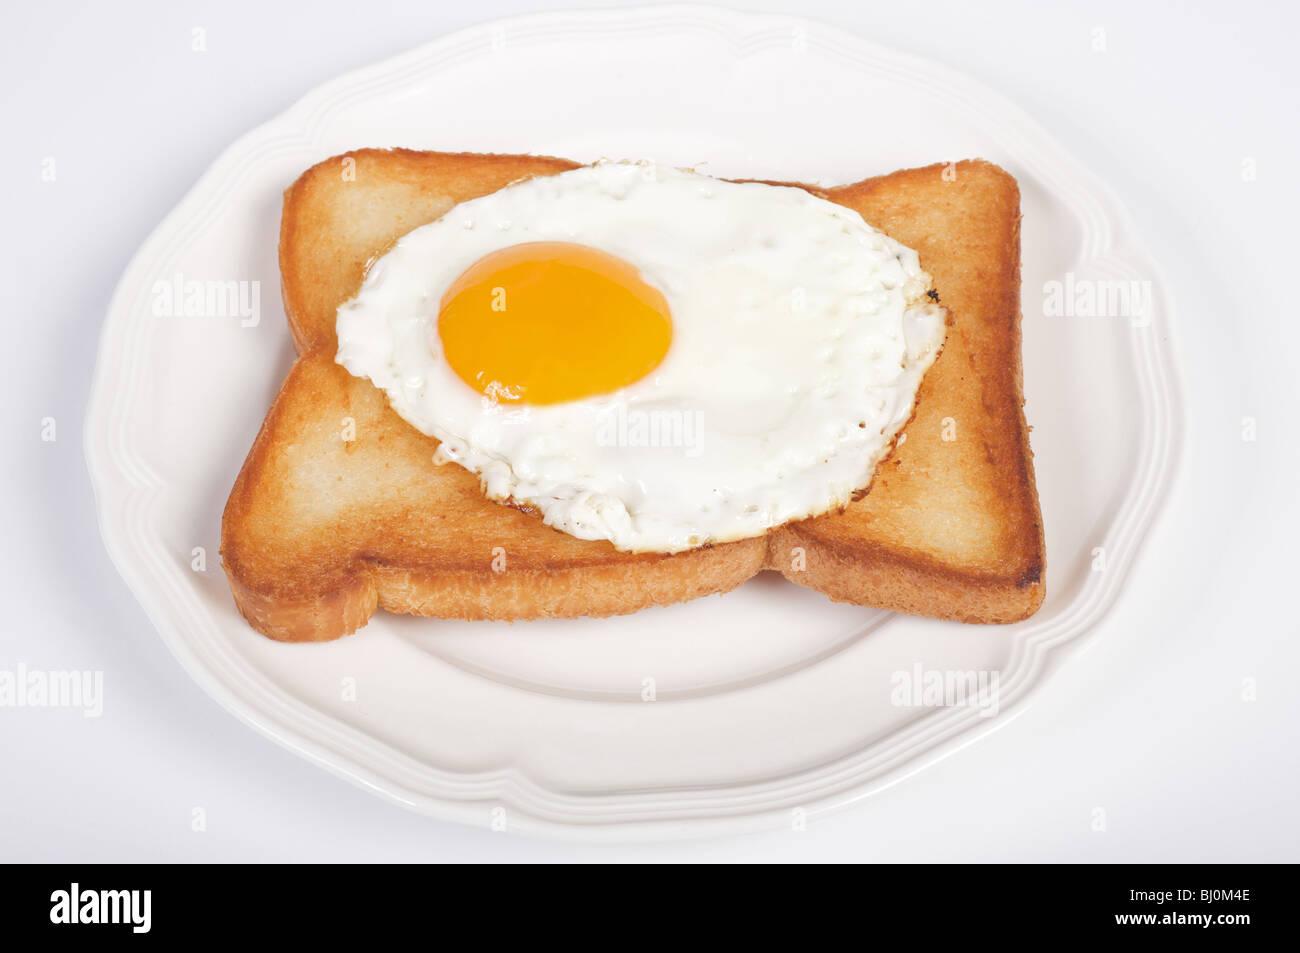 Free range fried egg - Stock Image